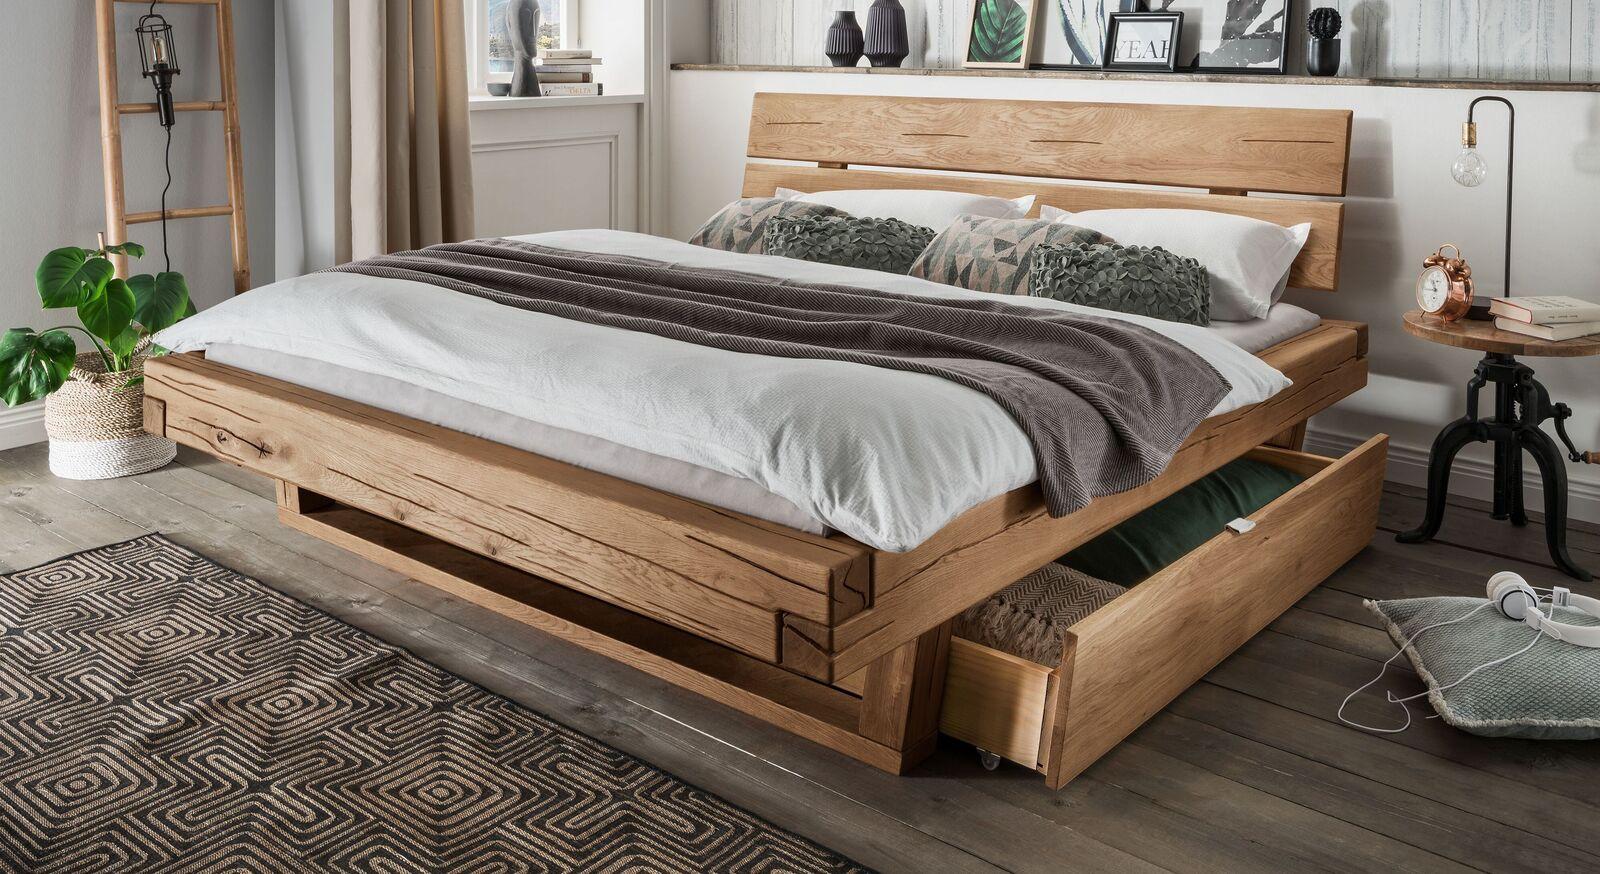 Schubkastenbett Romeno mit Holzkufen